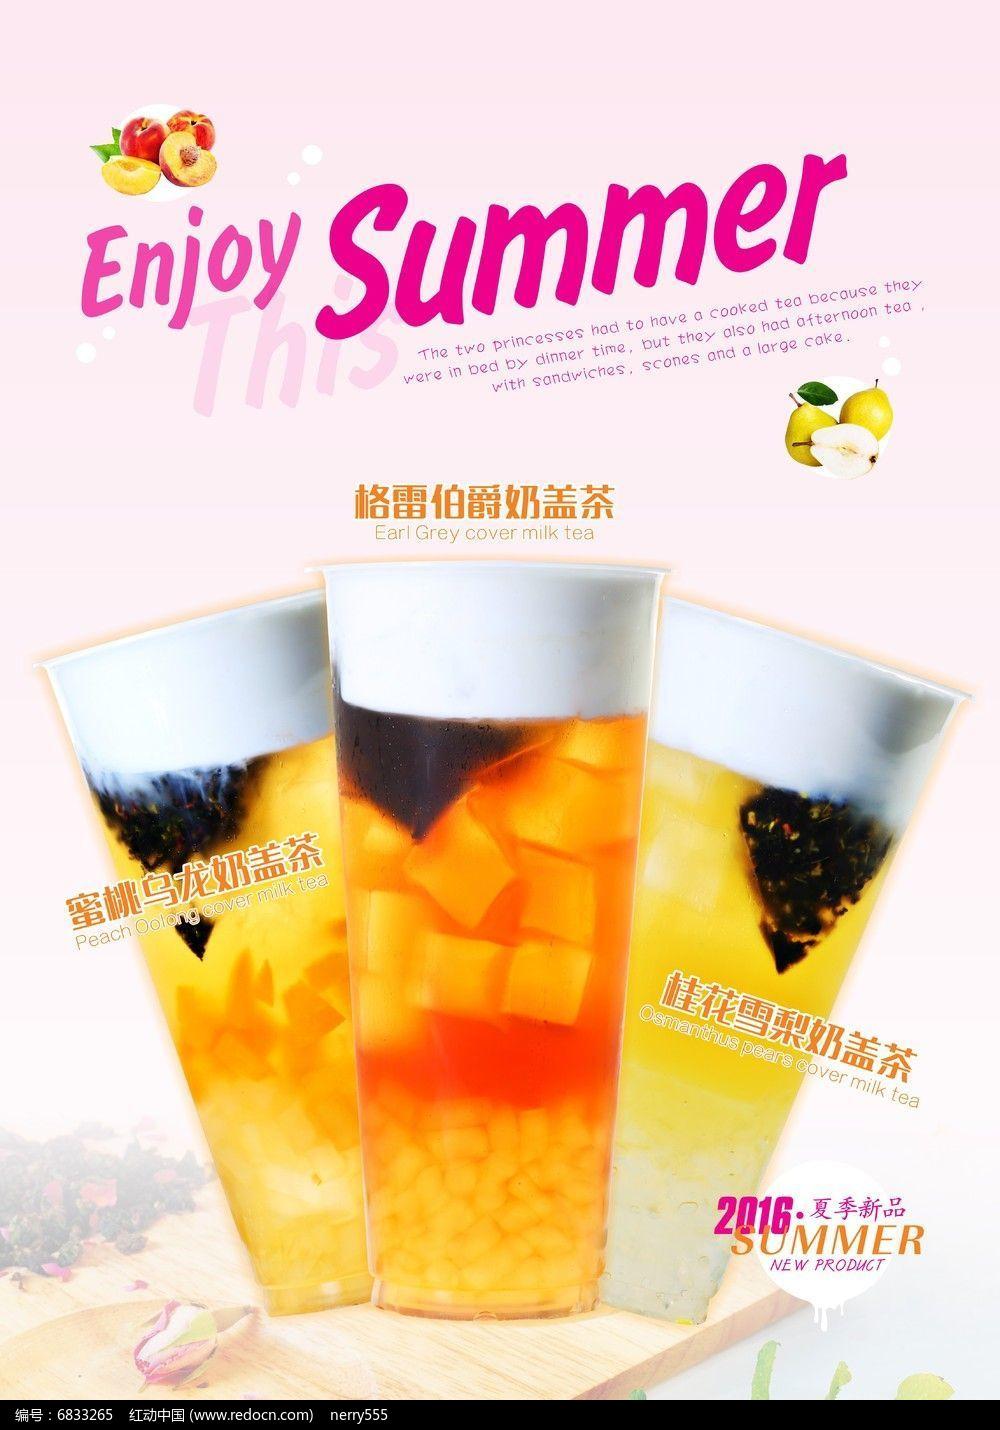 2016新品奶盖茶展示海报设计